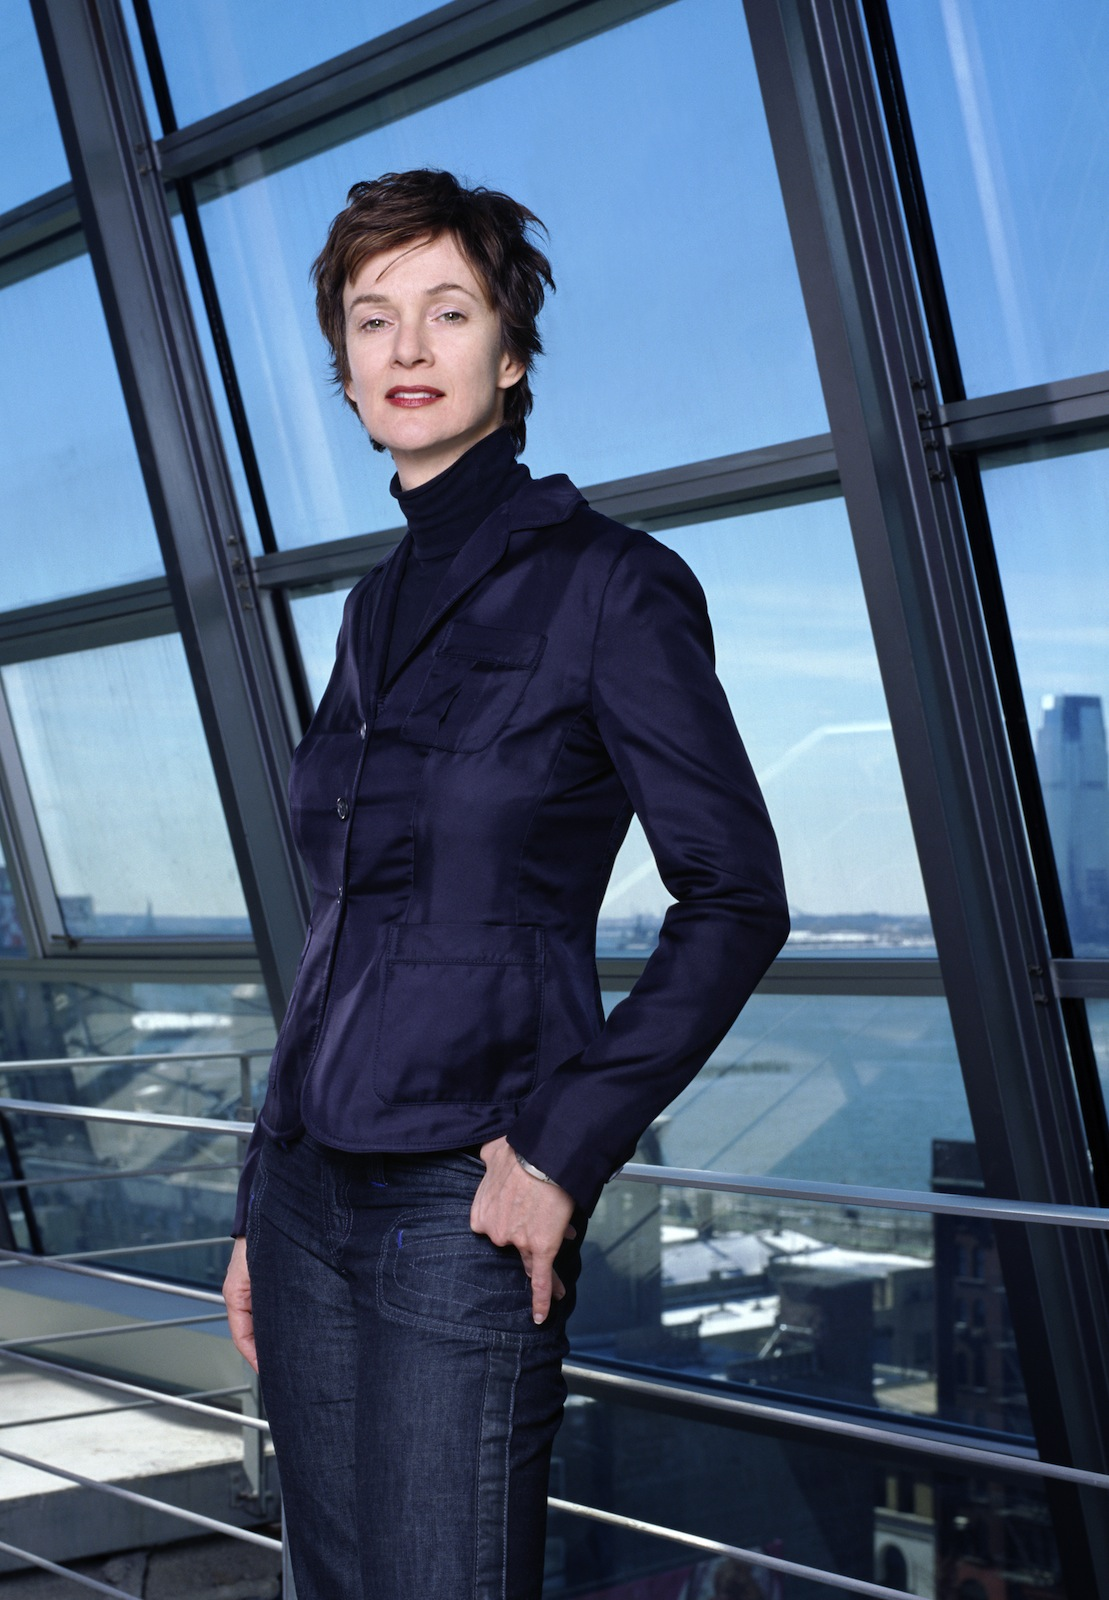 Winka Dubbeldam architect headshot